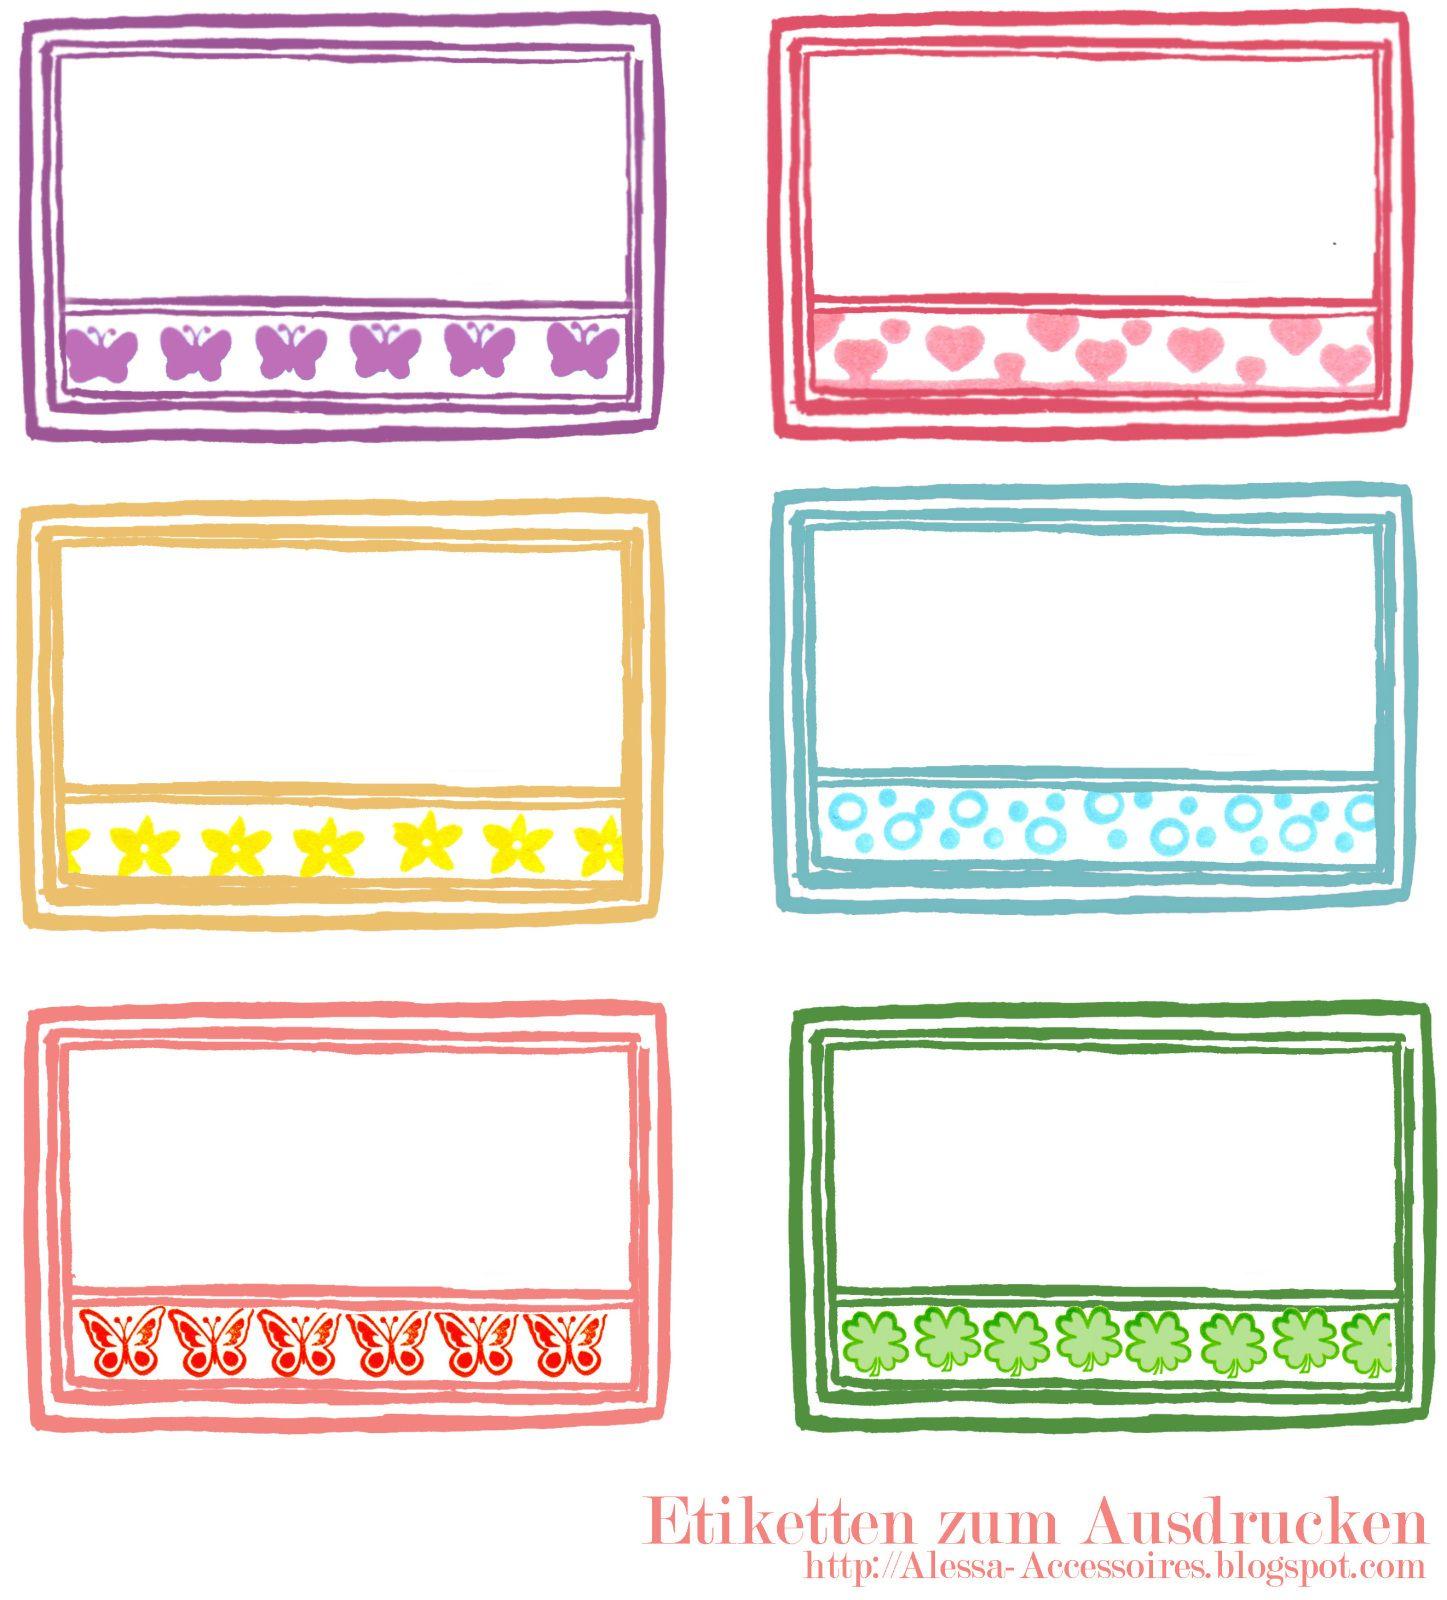 etiketten zum ausdrucken freebie papier design pinterest ausdrucken und aufkleber. Black Bedroom Furniture Sets. Home Design Ideas